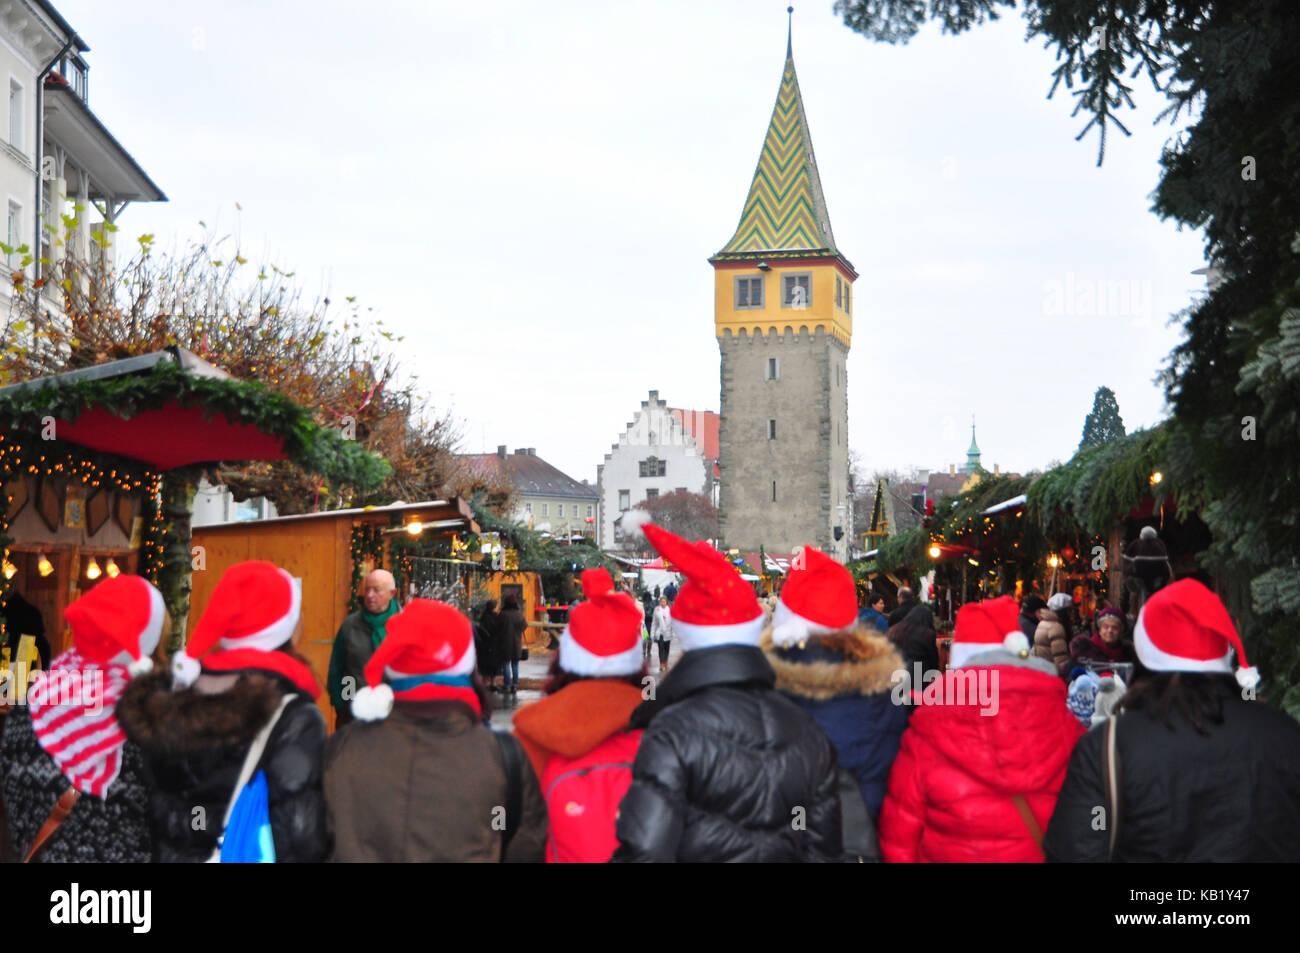 Lindau Weihnachtsmarkt.Deutschland Bayern Bodensee Lindau Weihnachtsmarkt Besucher